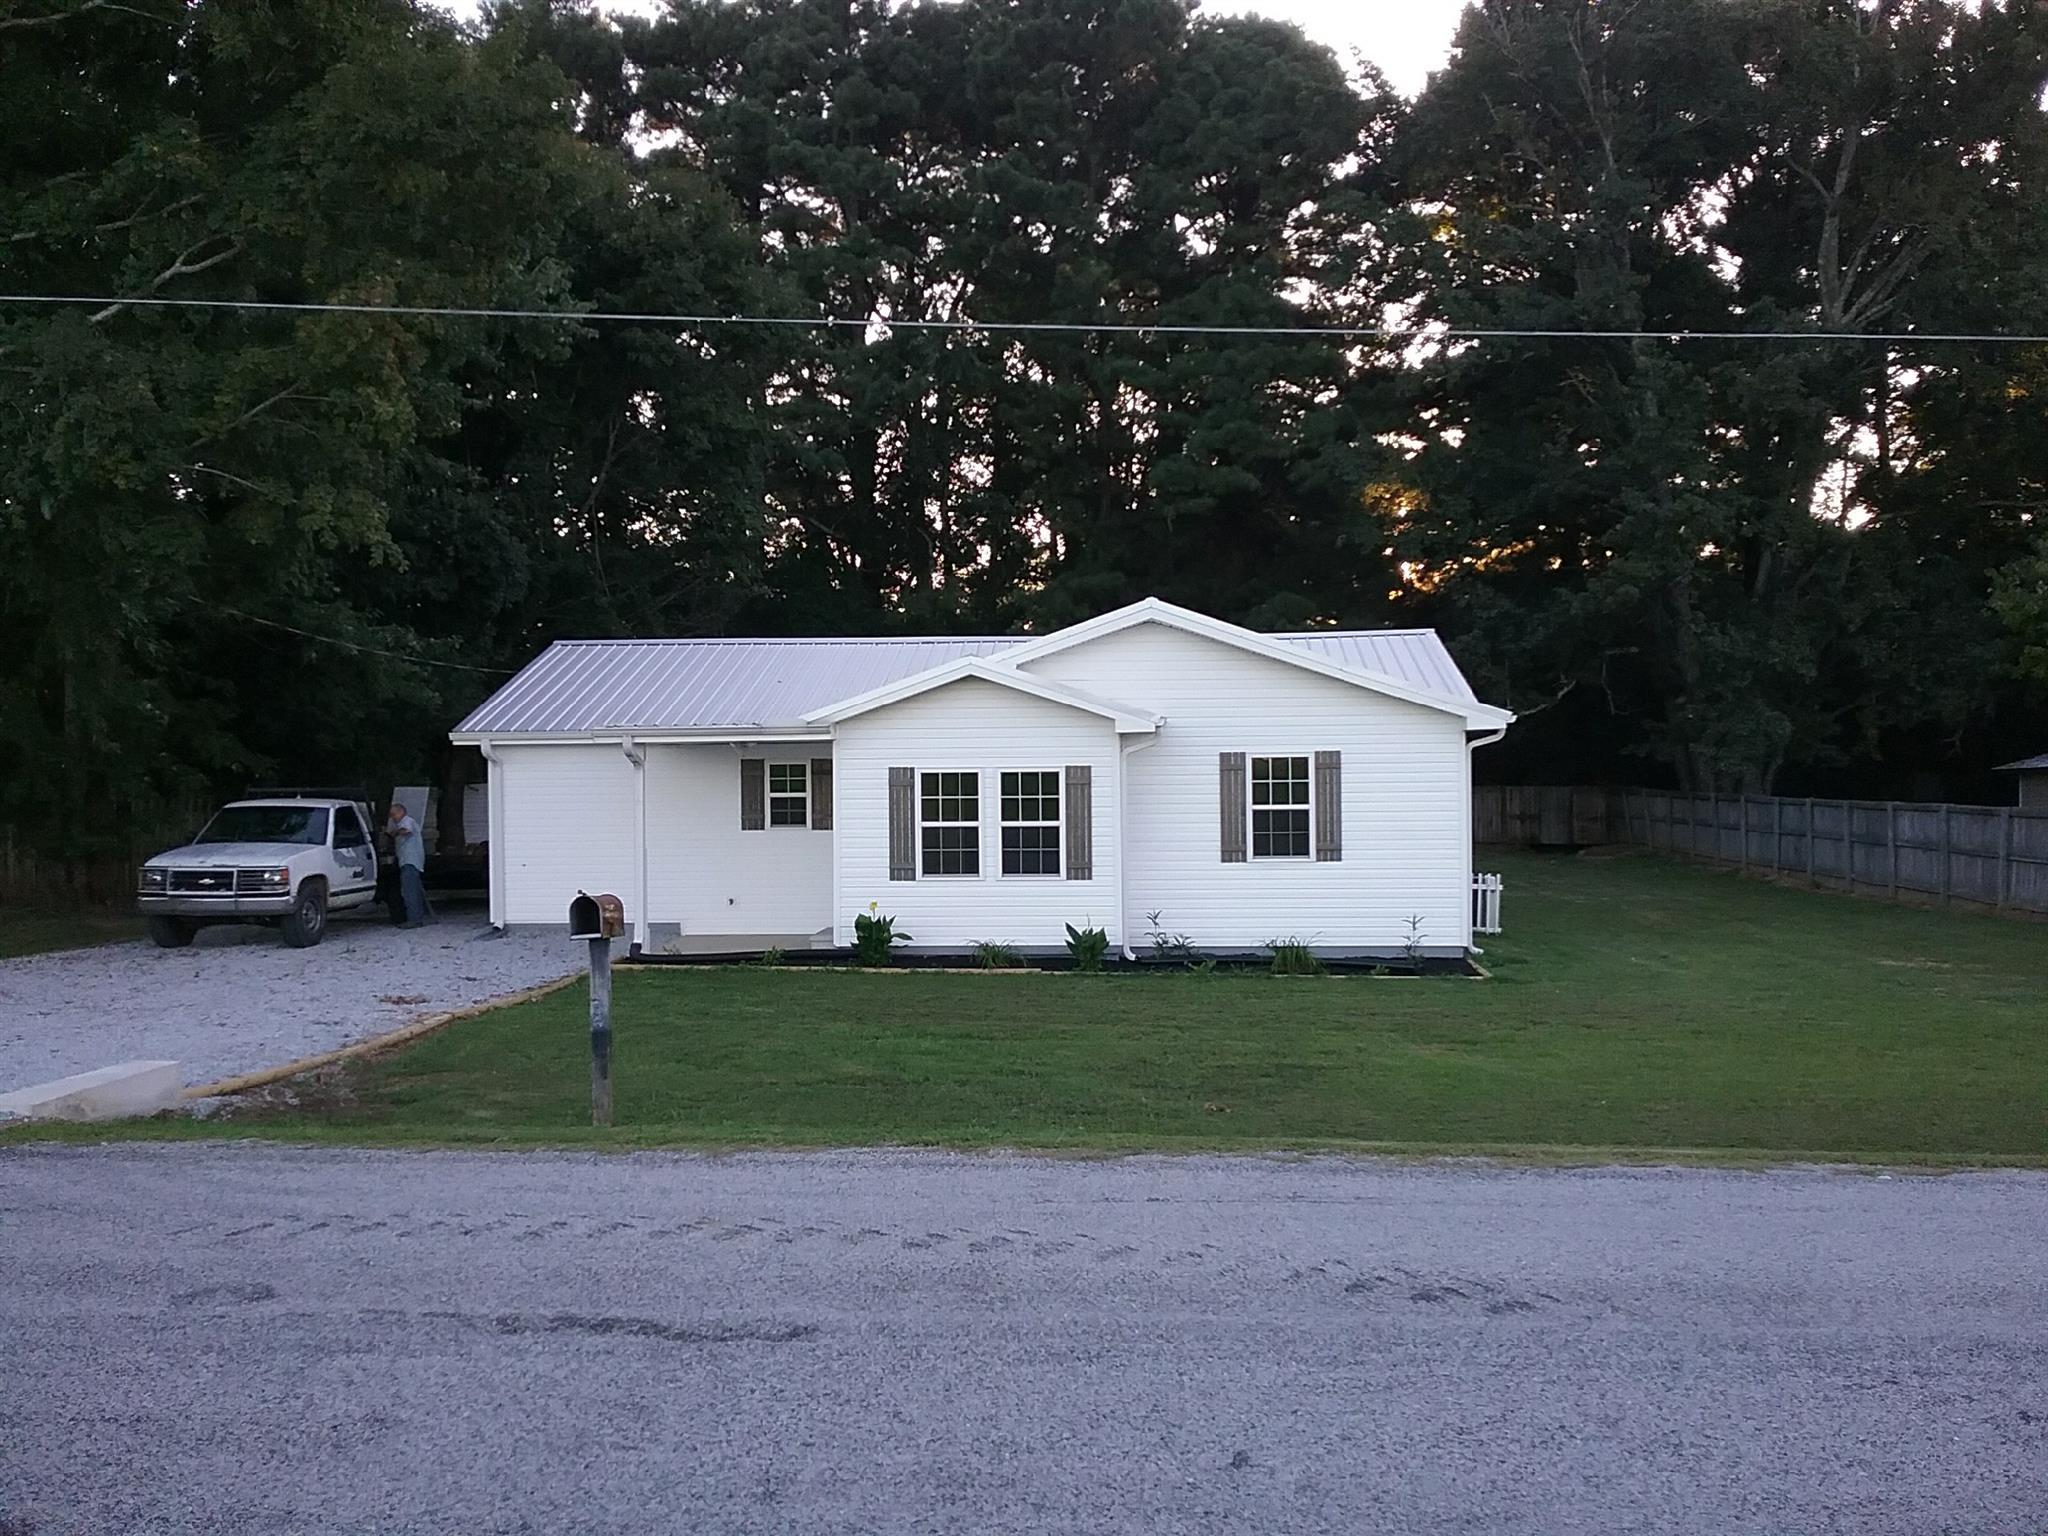 28587 Reyer Rd, Ardmore, AL 35739 - Ardmore, AL real estate listing